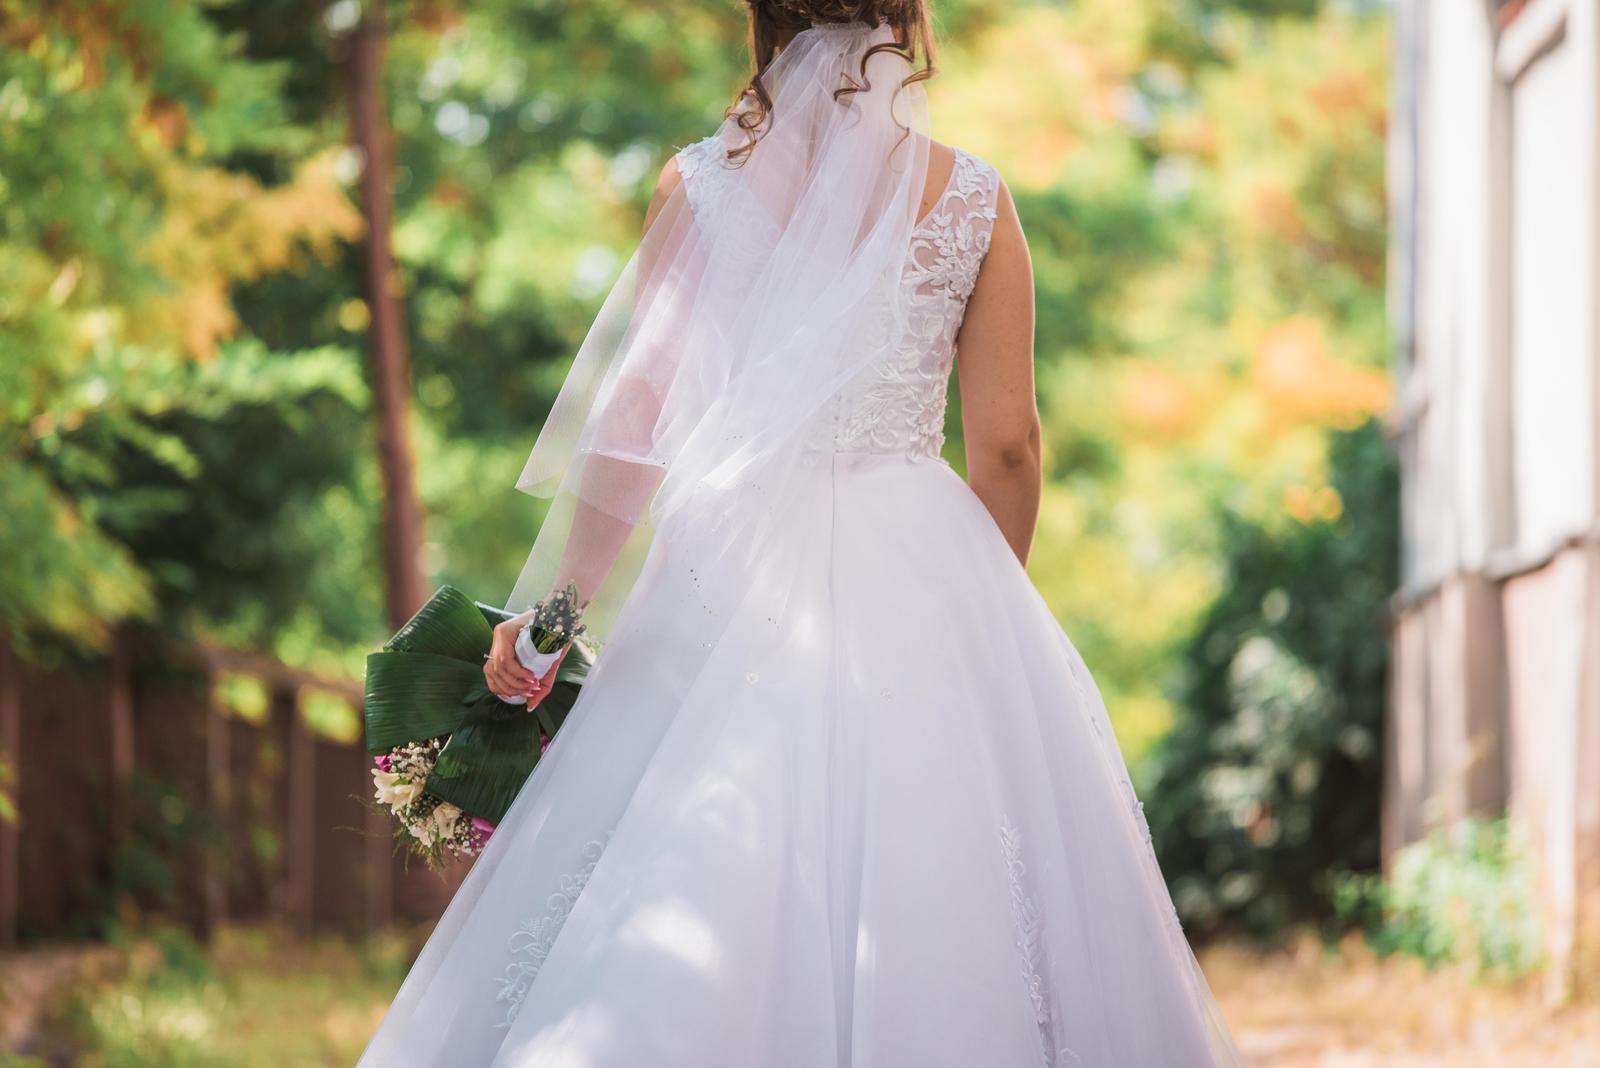 Biele svadobné šaty s vlečkou 36-38 - Obrázok č. 3